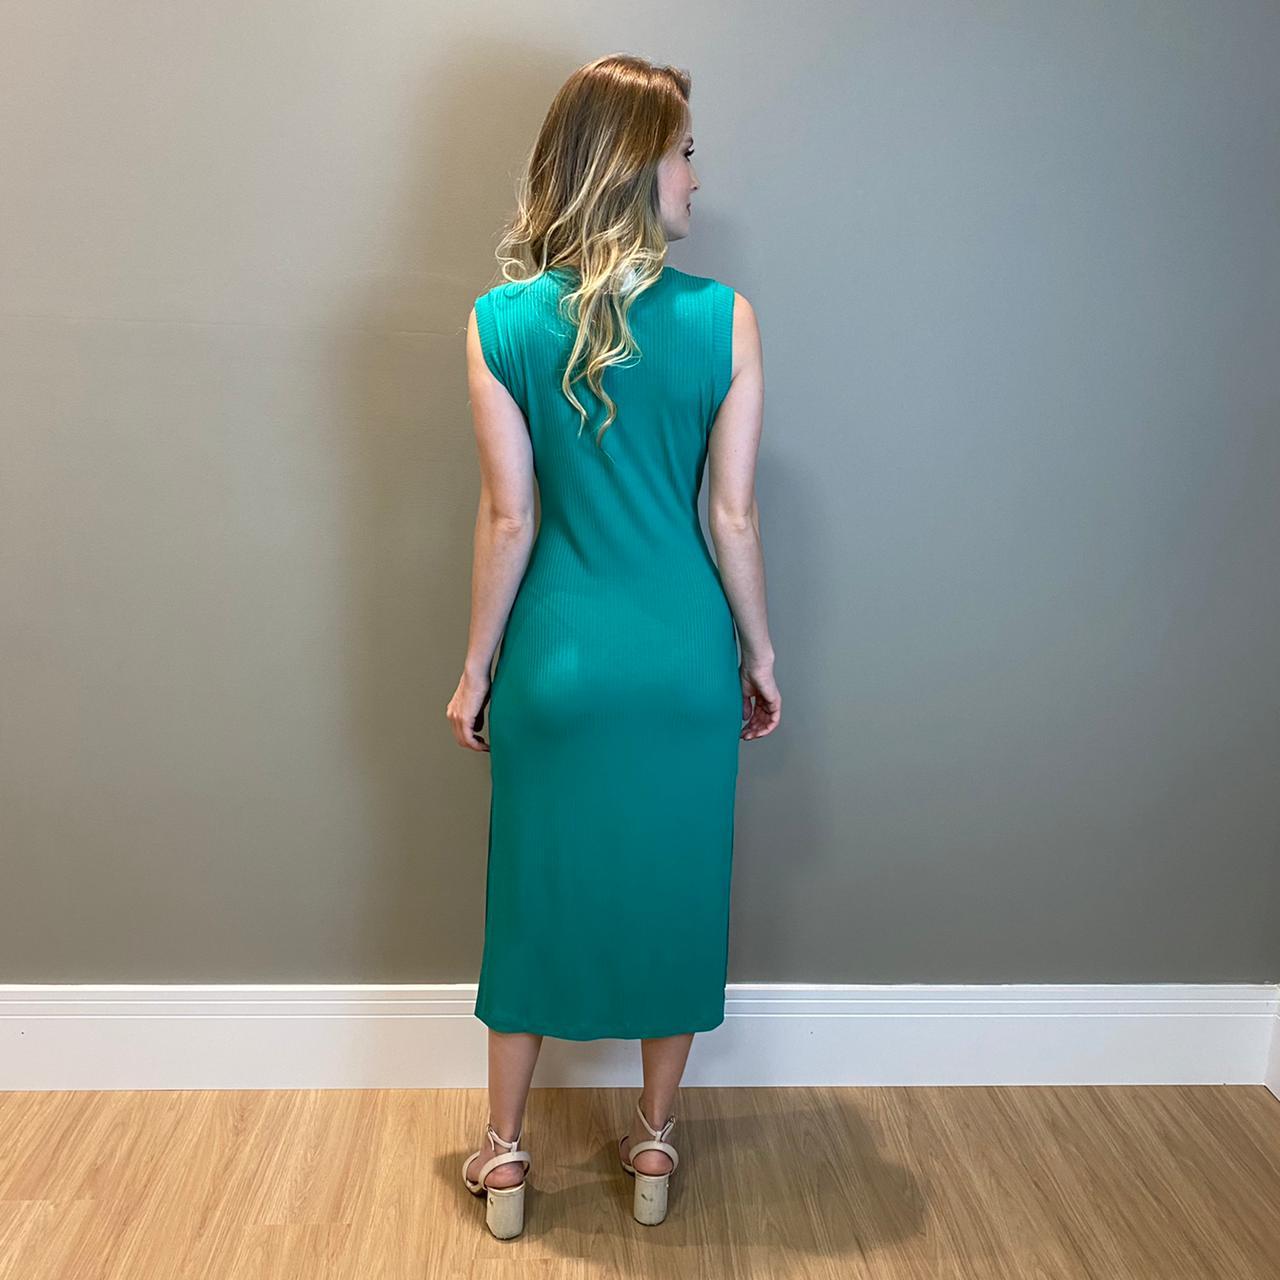 Vestido canelado c/ faixa Verde -